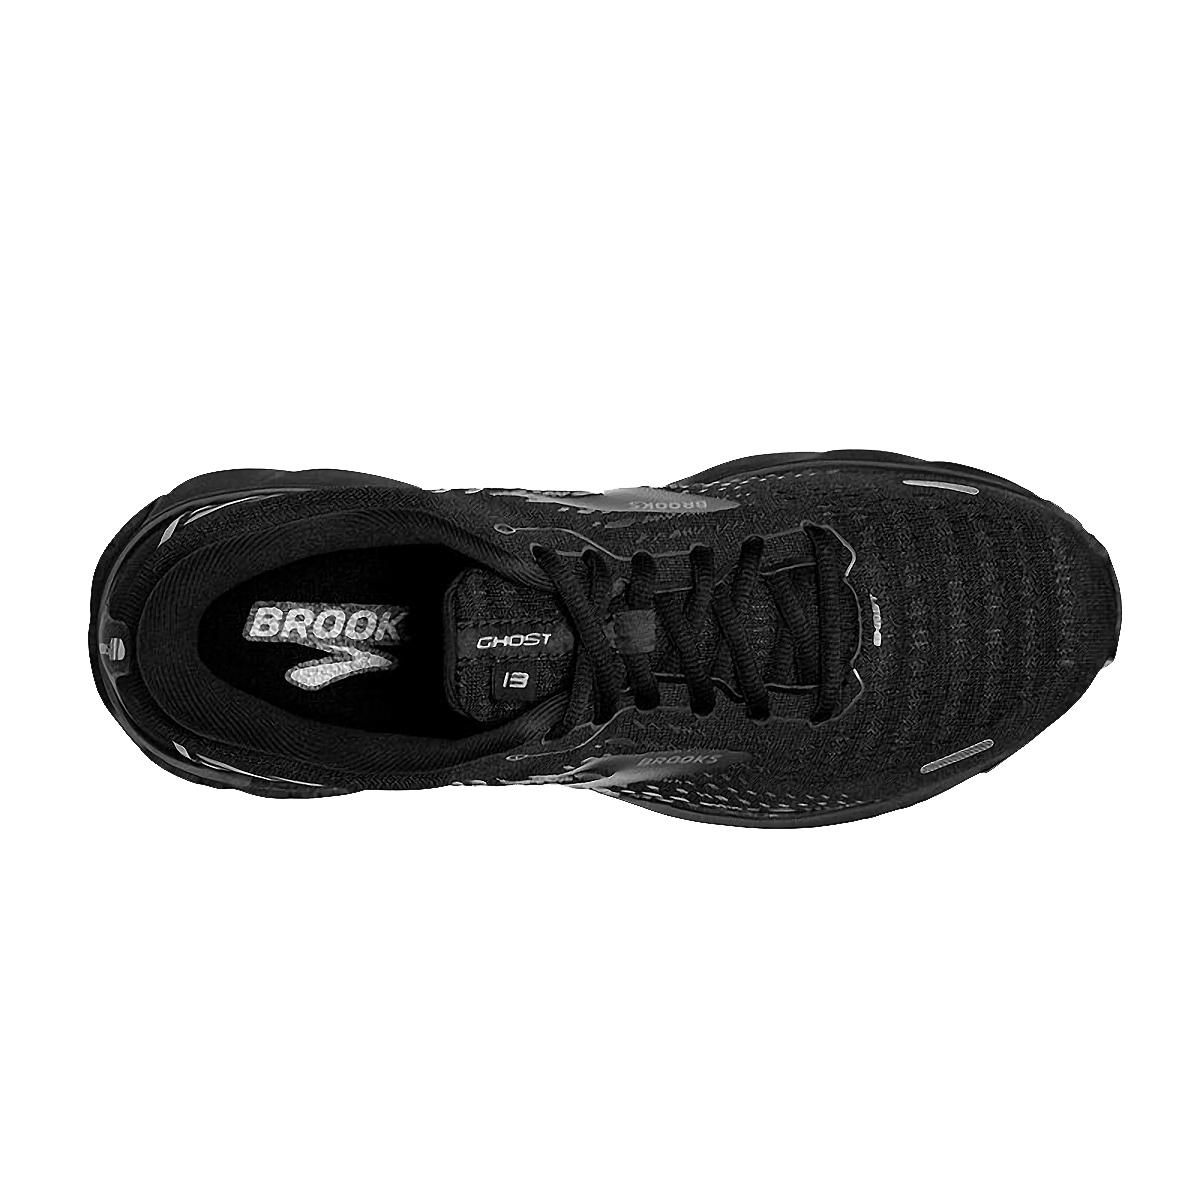 Men's Brooks Ghost 13 Running Shoe - Color: Black/Black - Size: 7 - Width: Regular, Black/Black, large, image 3